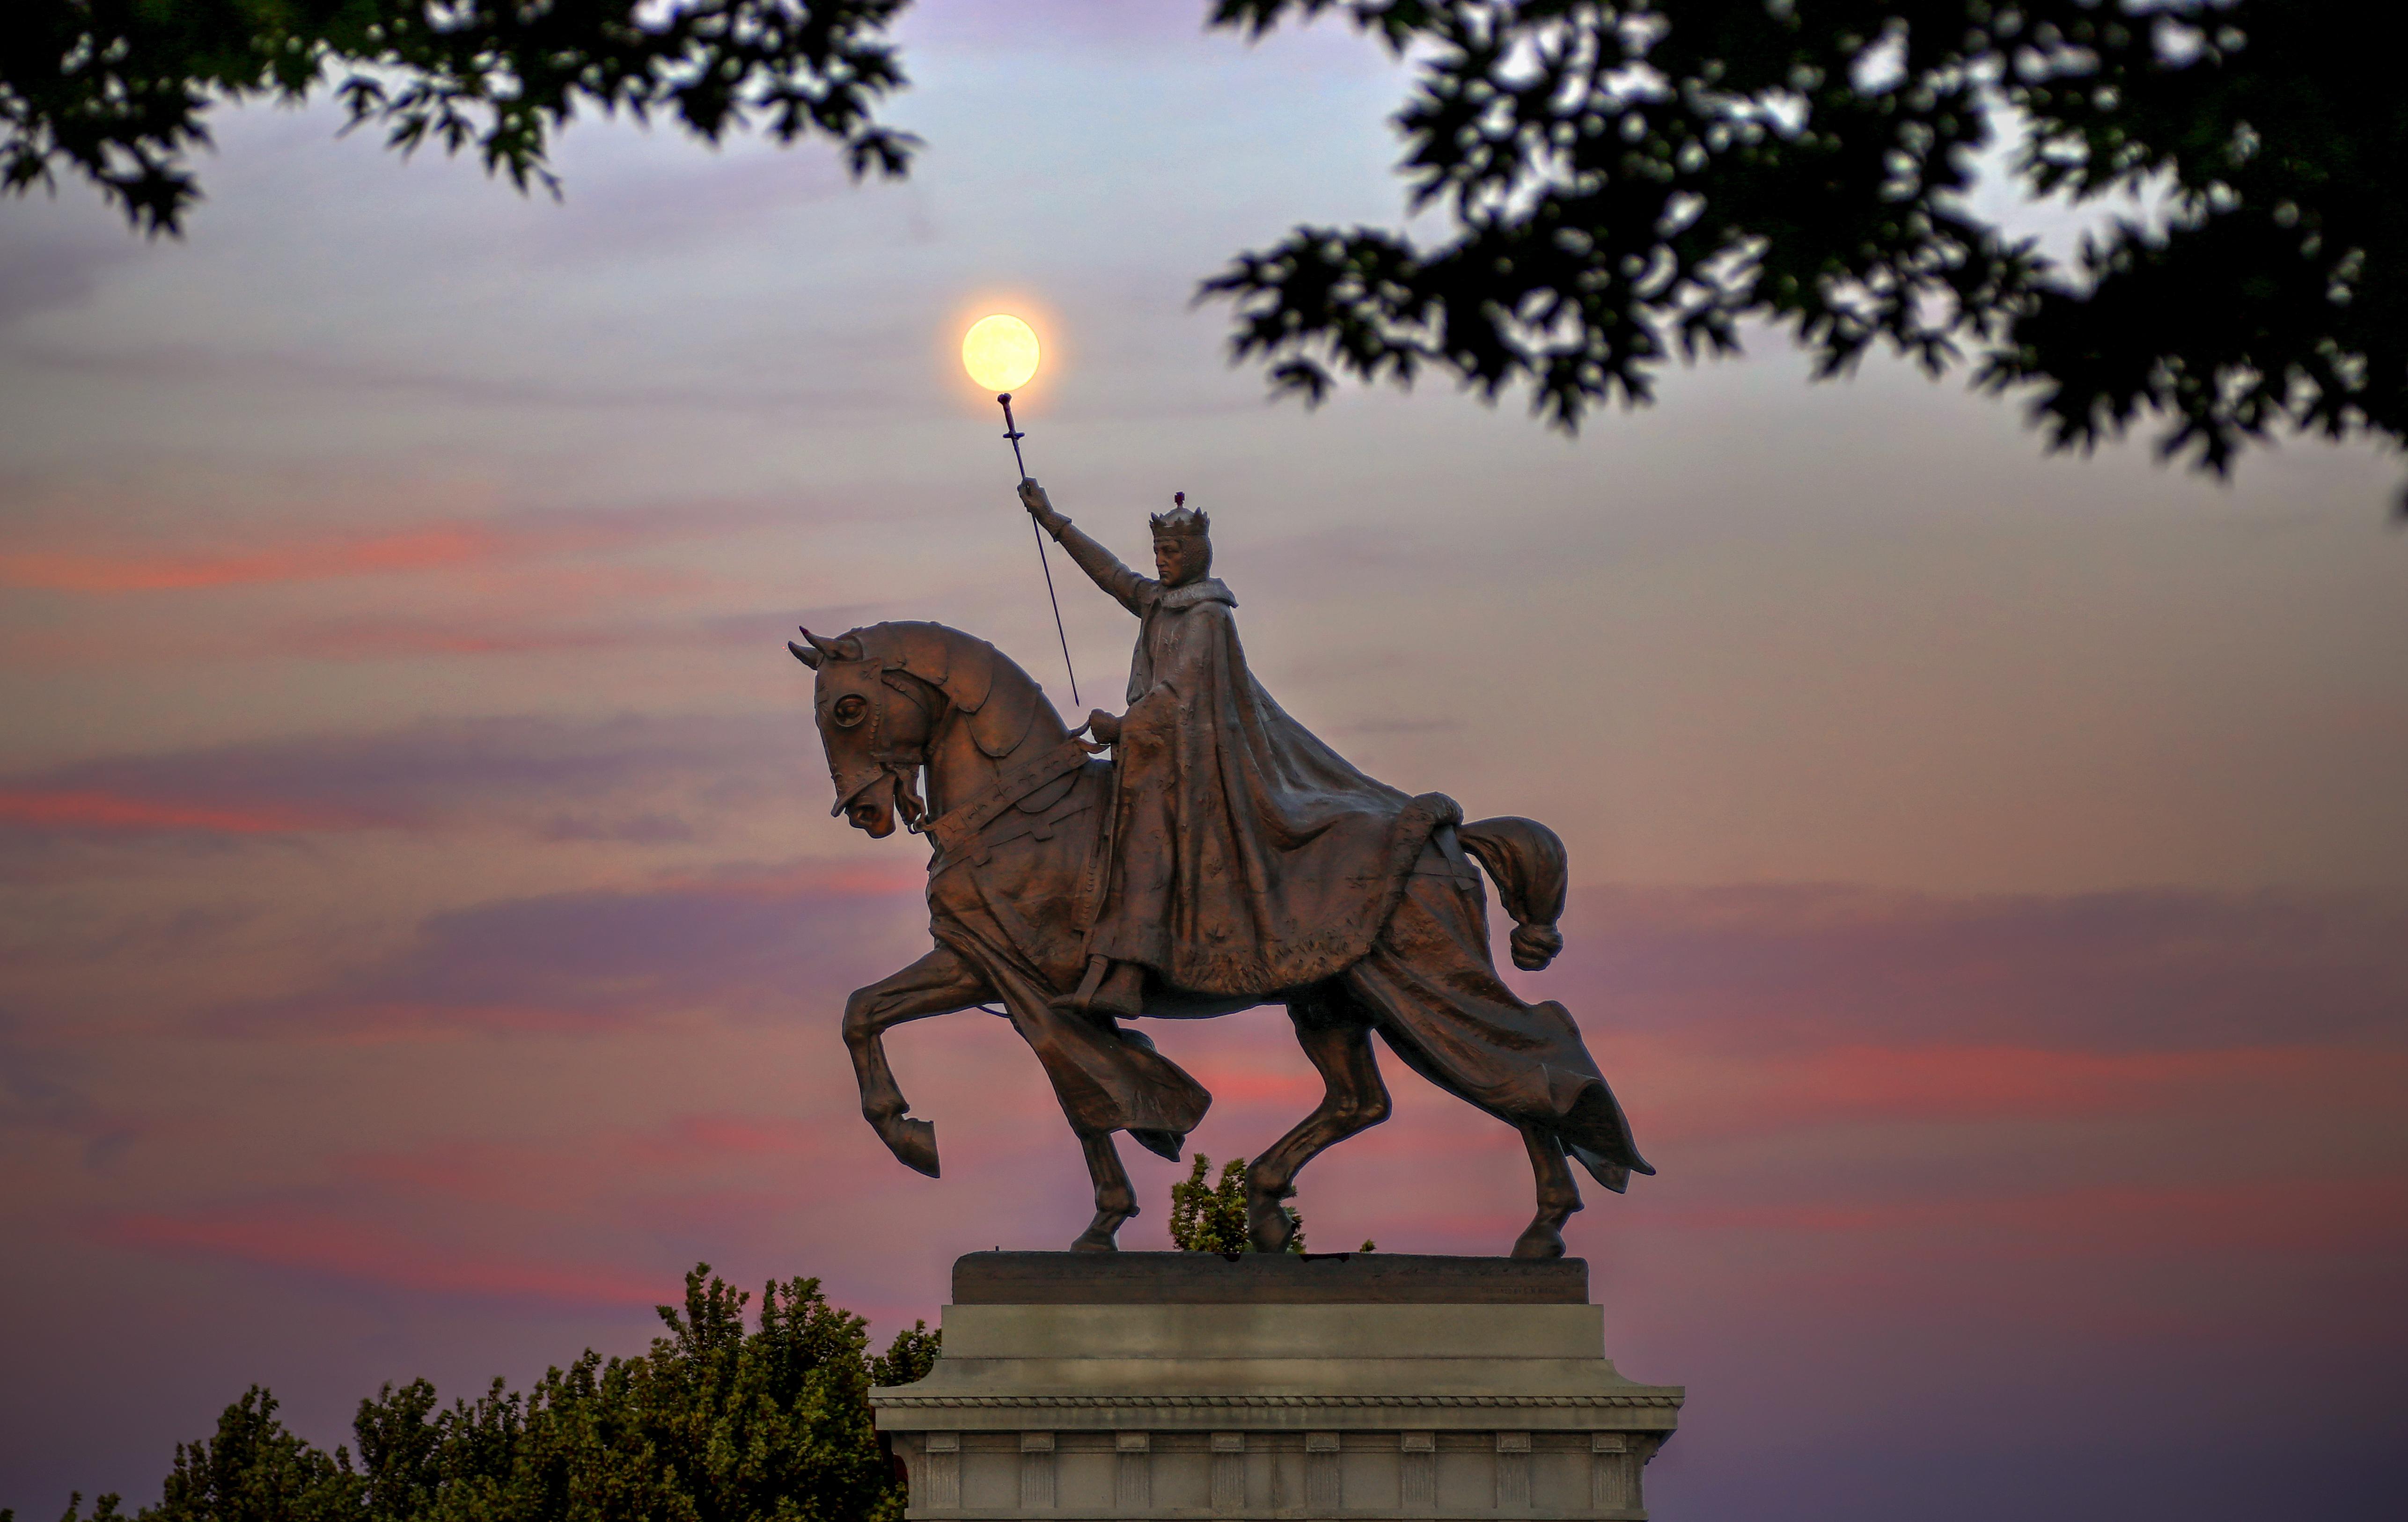 l'apothéose de la statue de Saint-Louis du roi Louis IX de France